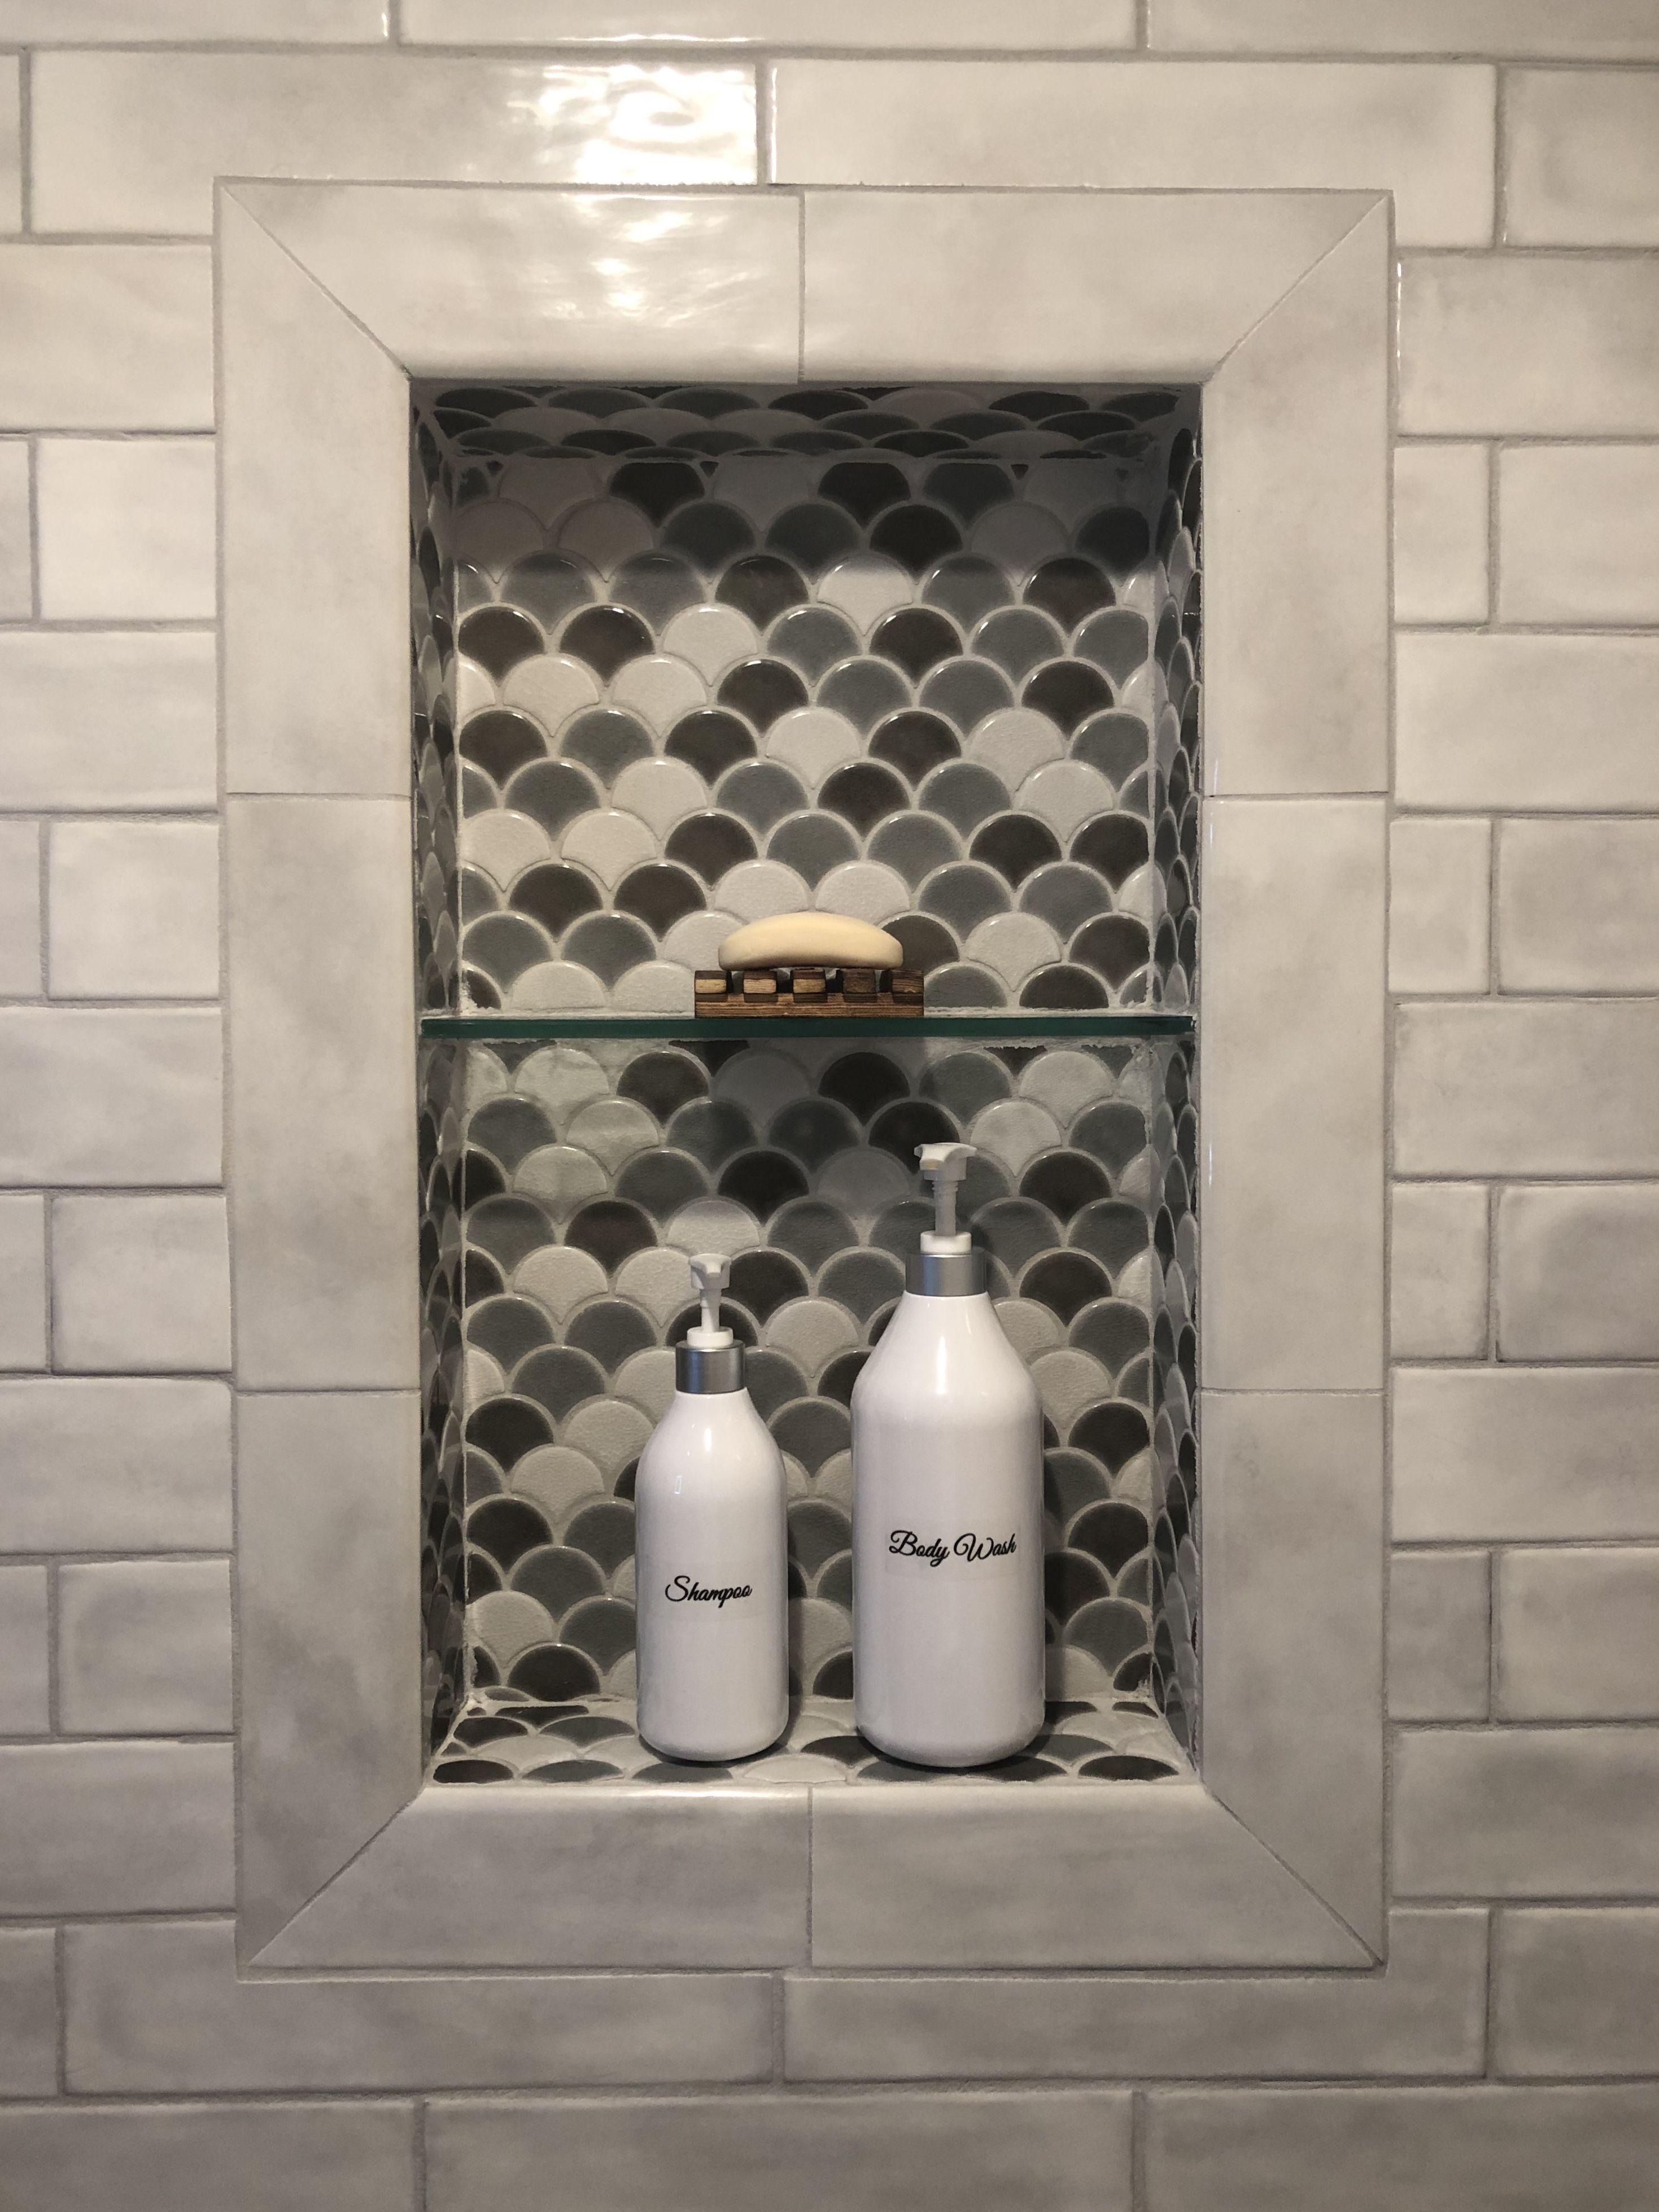 Crackled Subway Tiles Kitchen Backsplash Subway Tile Backsplash Kitchen Subway Tile Kitchen Kitchen Tiles Backsplash